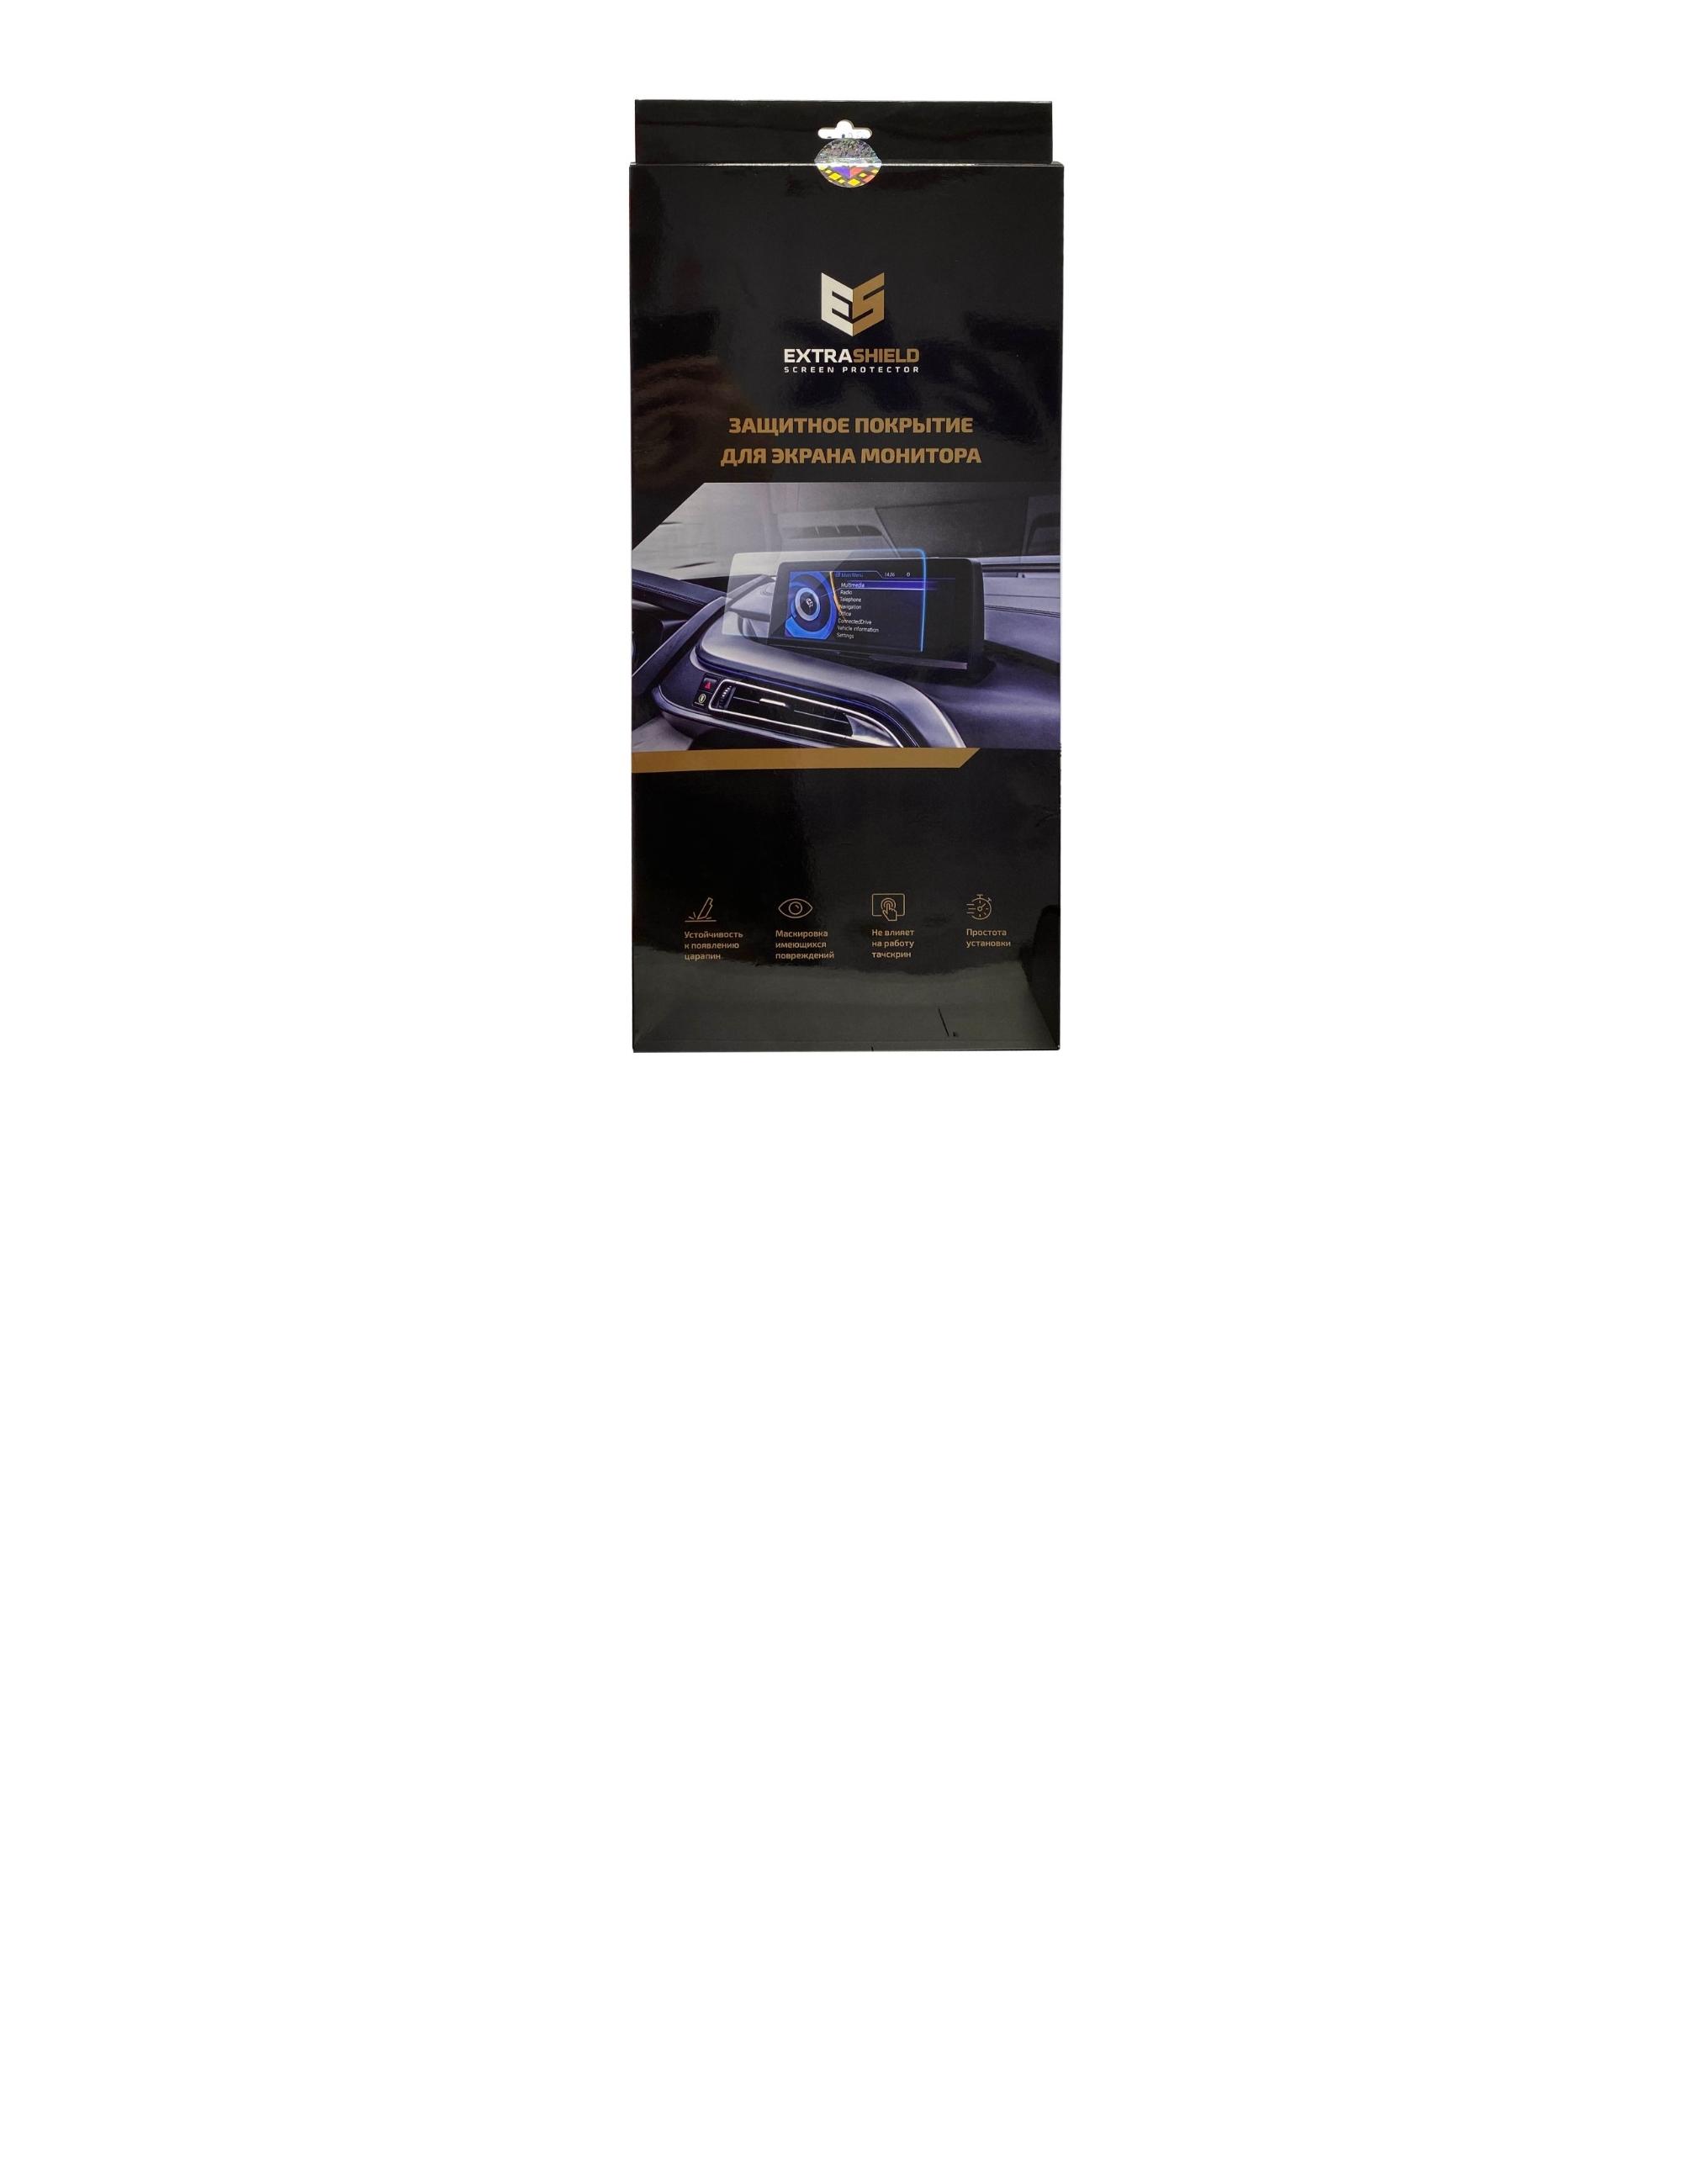 Audi Q7 II (4M) дорестайлинг 2016 - 2019 мультимедиа 7 Статическая пленка Глянец